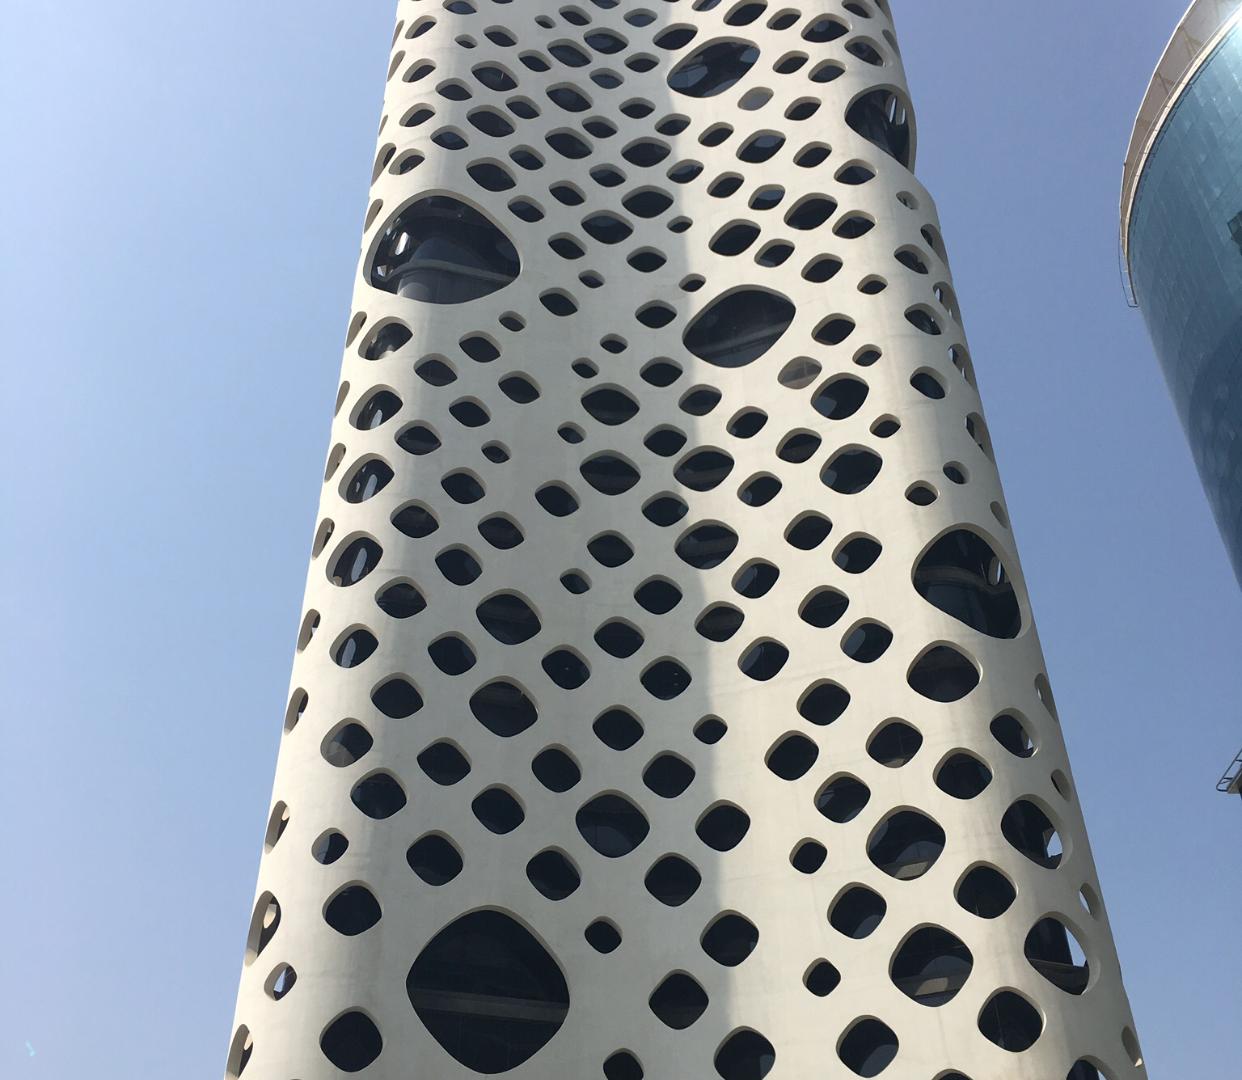 O-14; designed by Reiser + Umemoto